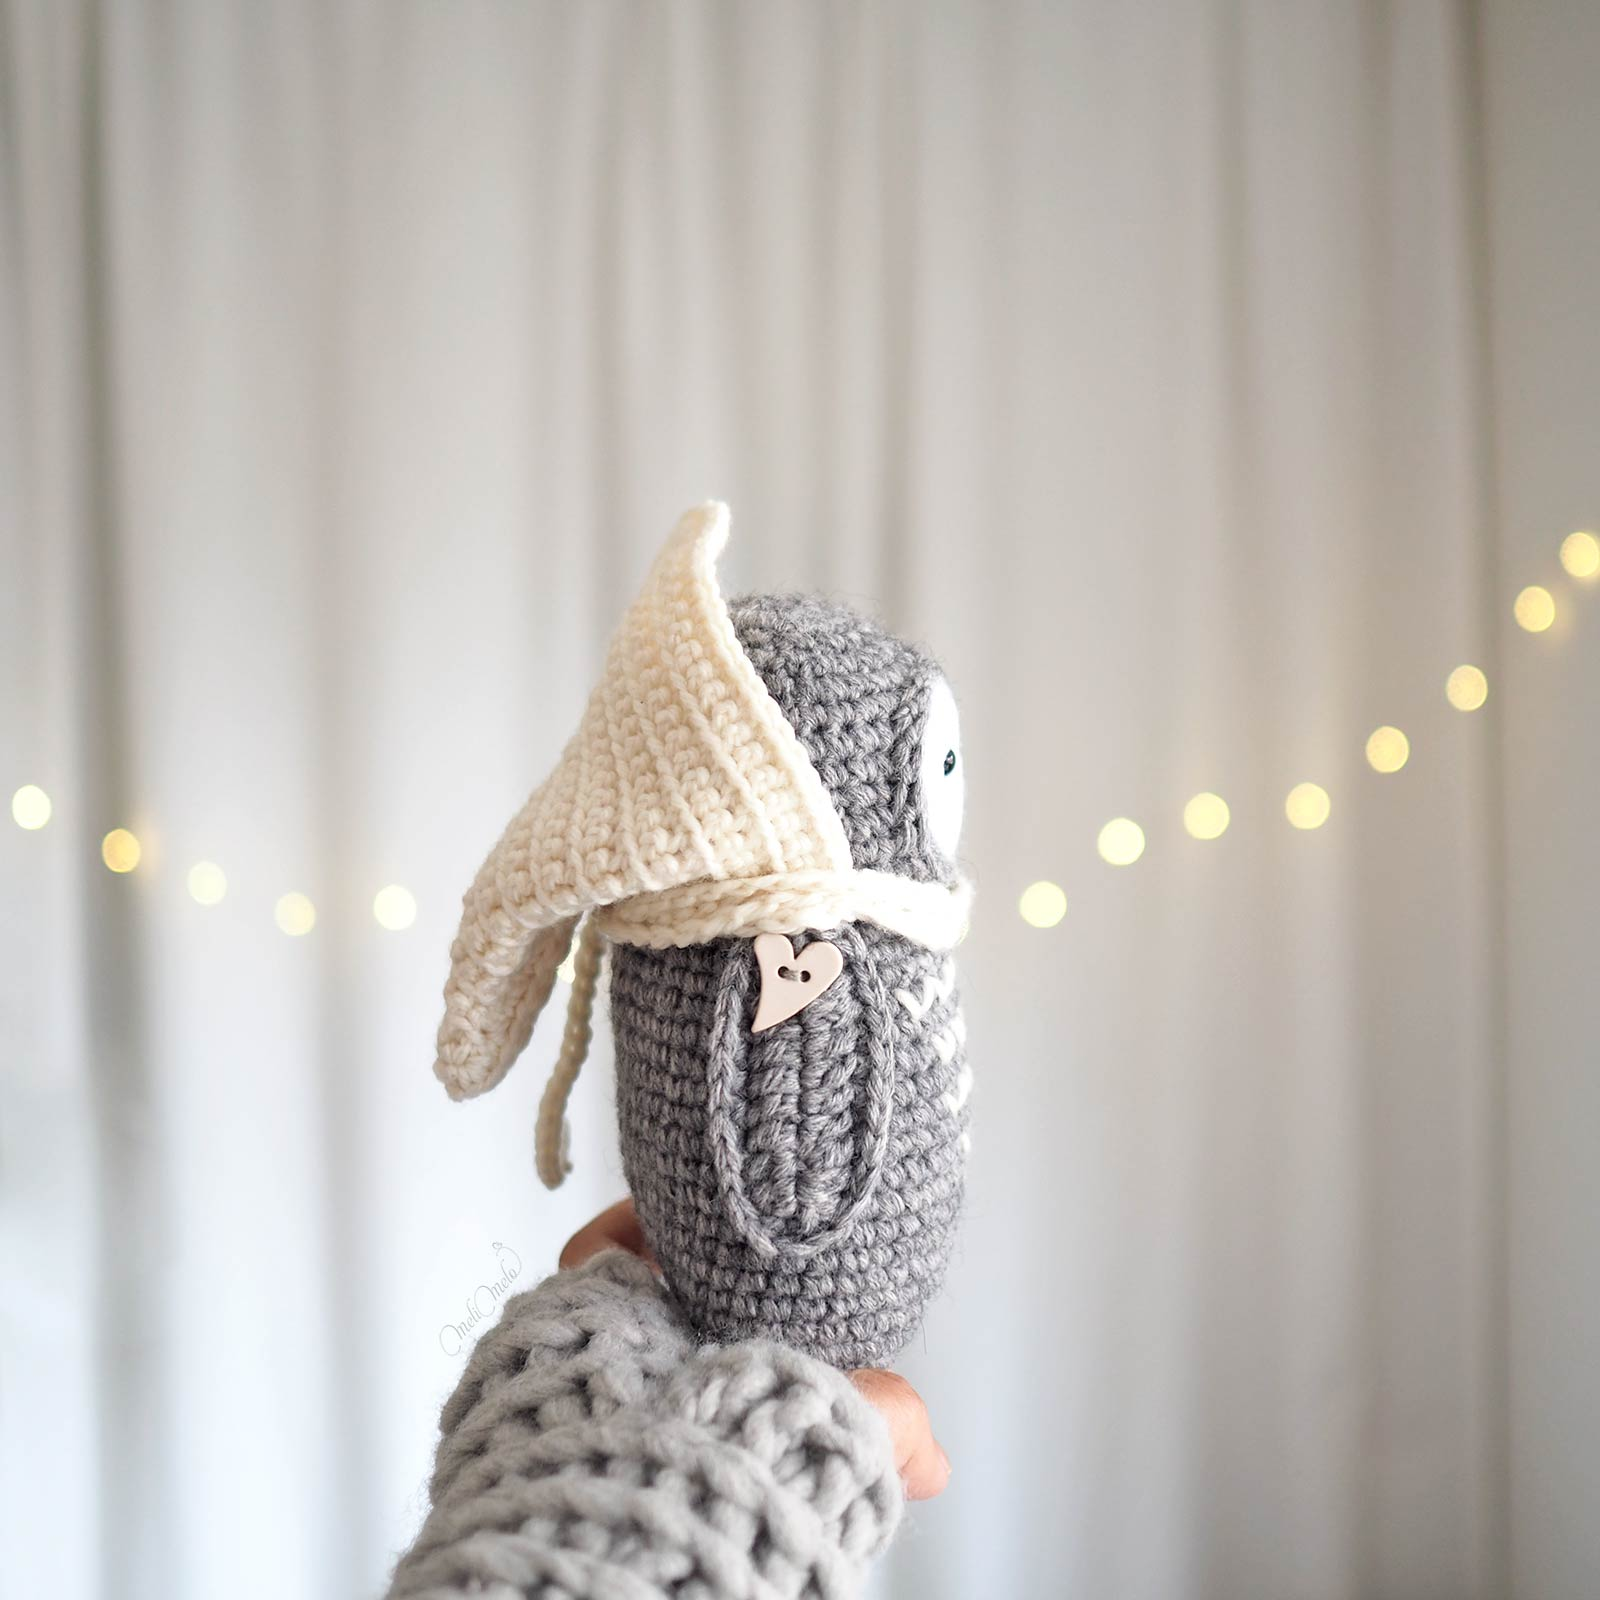 chouette lutine ailes coeur au crochet capuche laine little owlet owl laboutiquedemelimelo